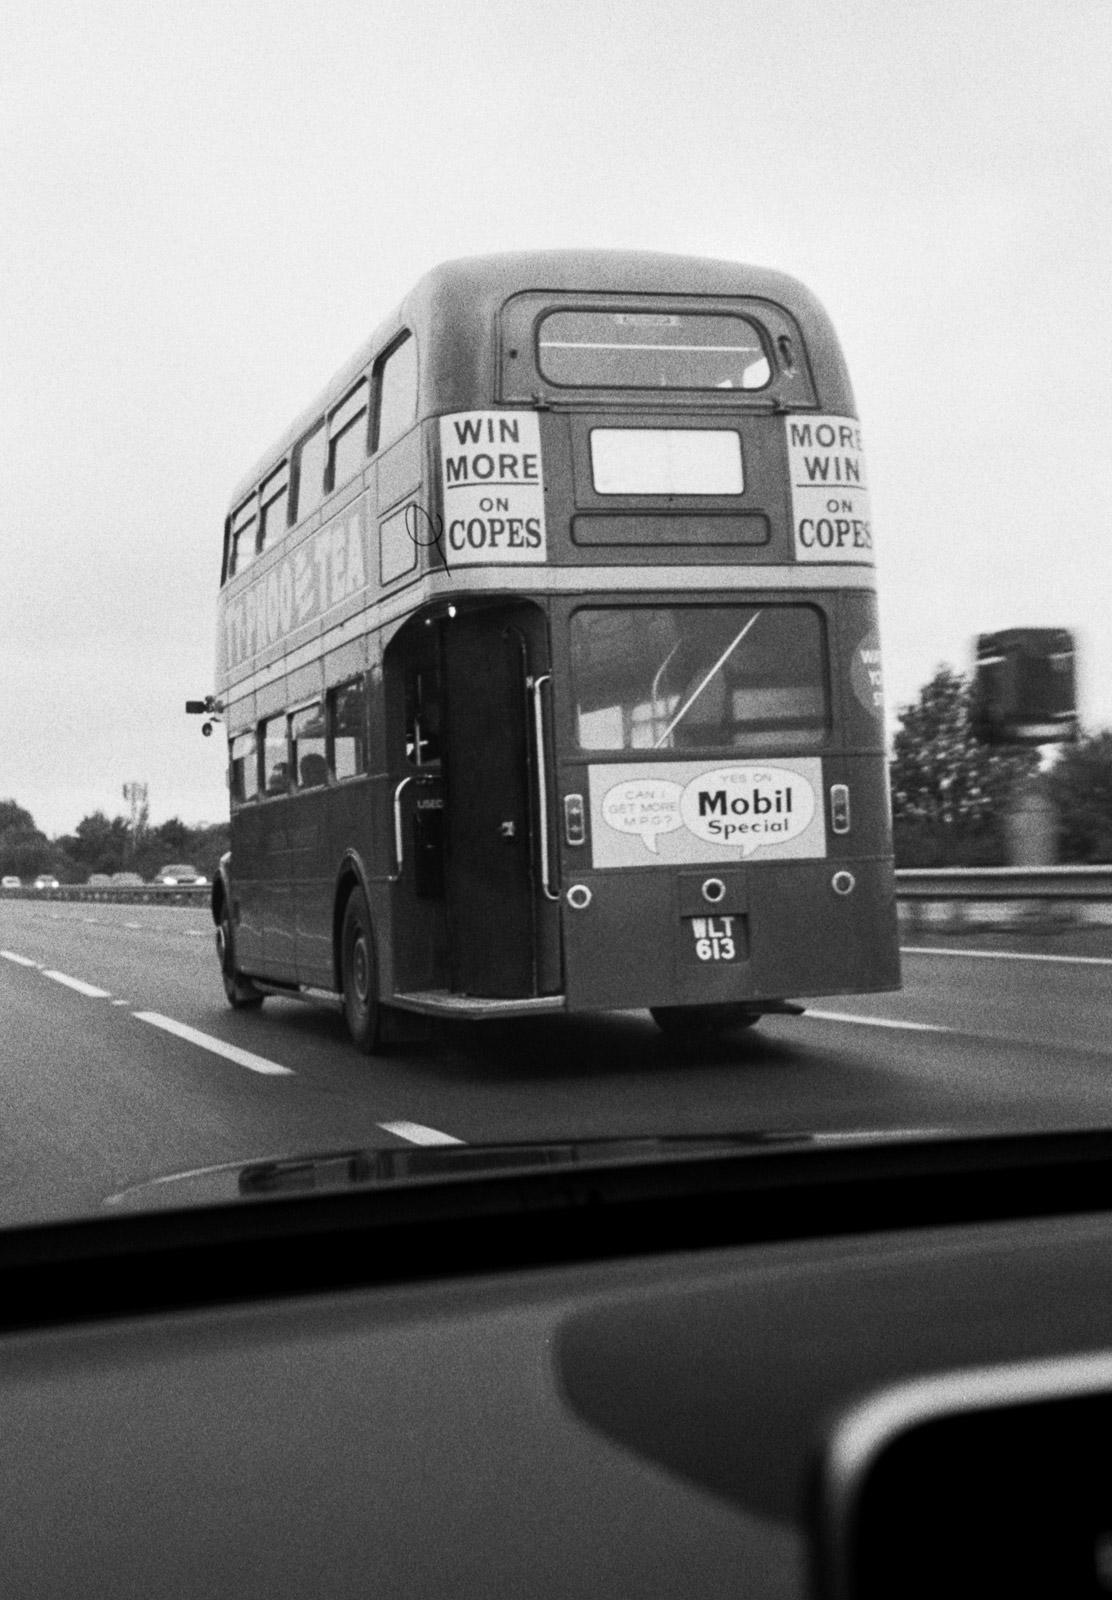 Old bus on motorway